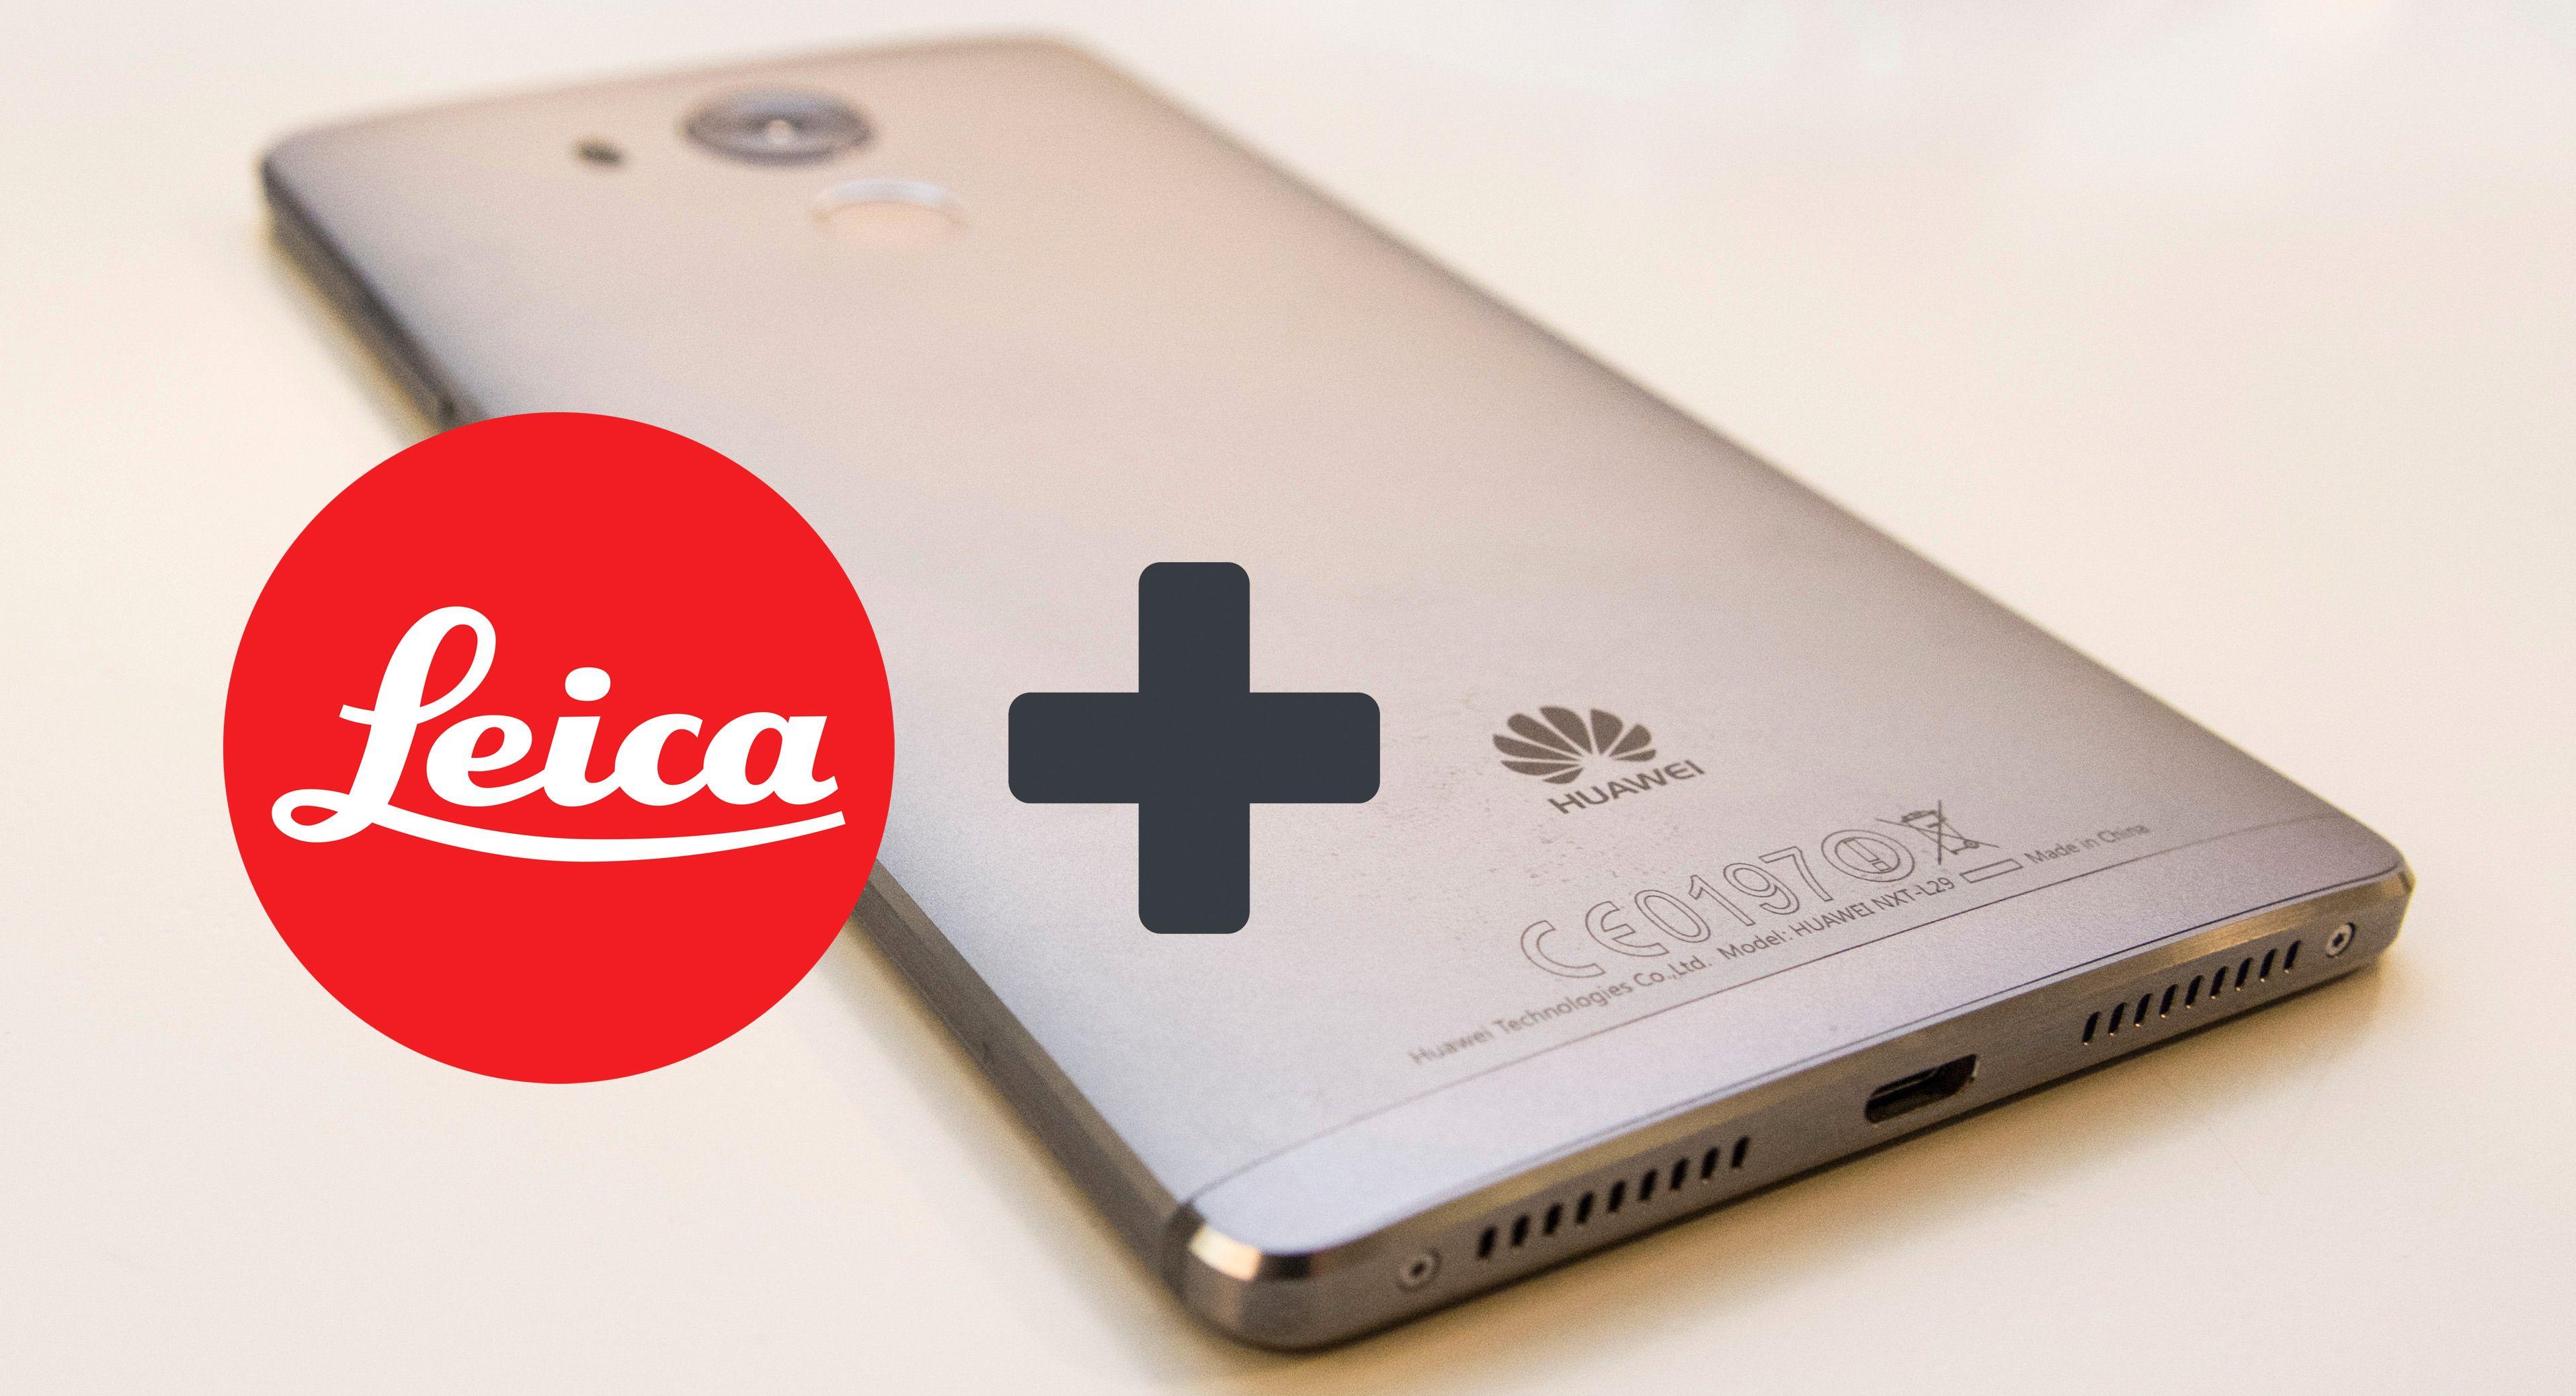 Nå får Huawei Leica-optikk i telefonene sine